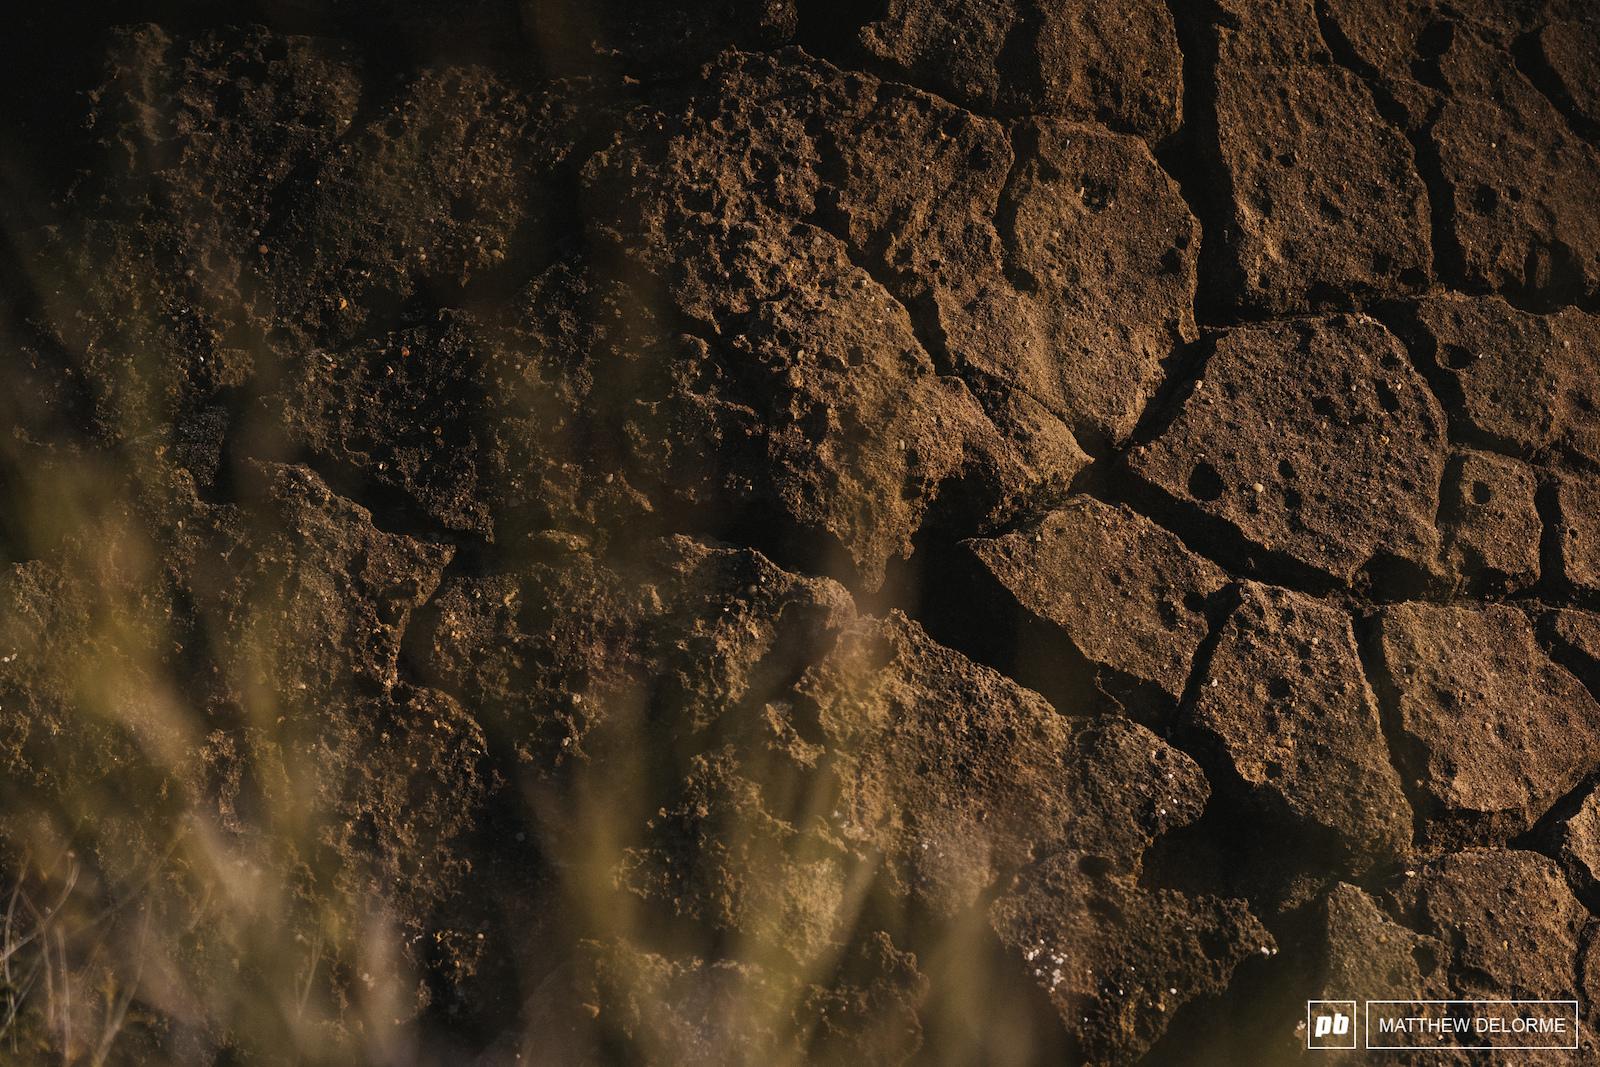 More desert texture.